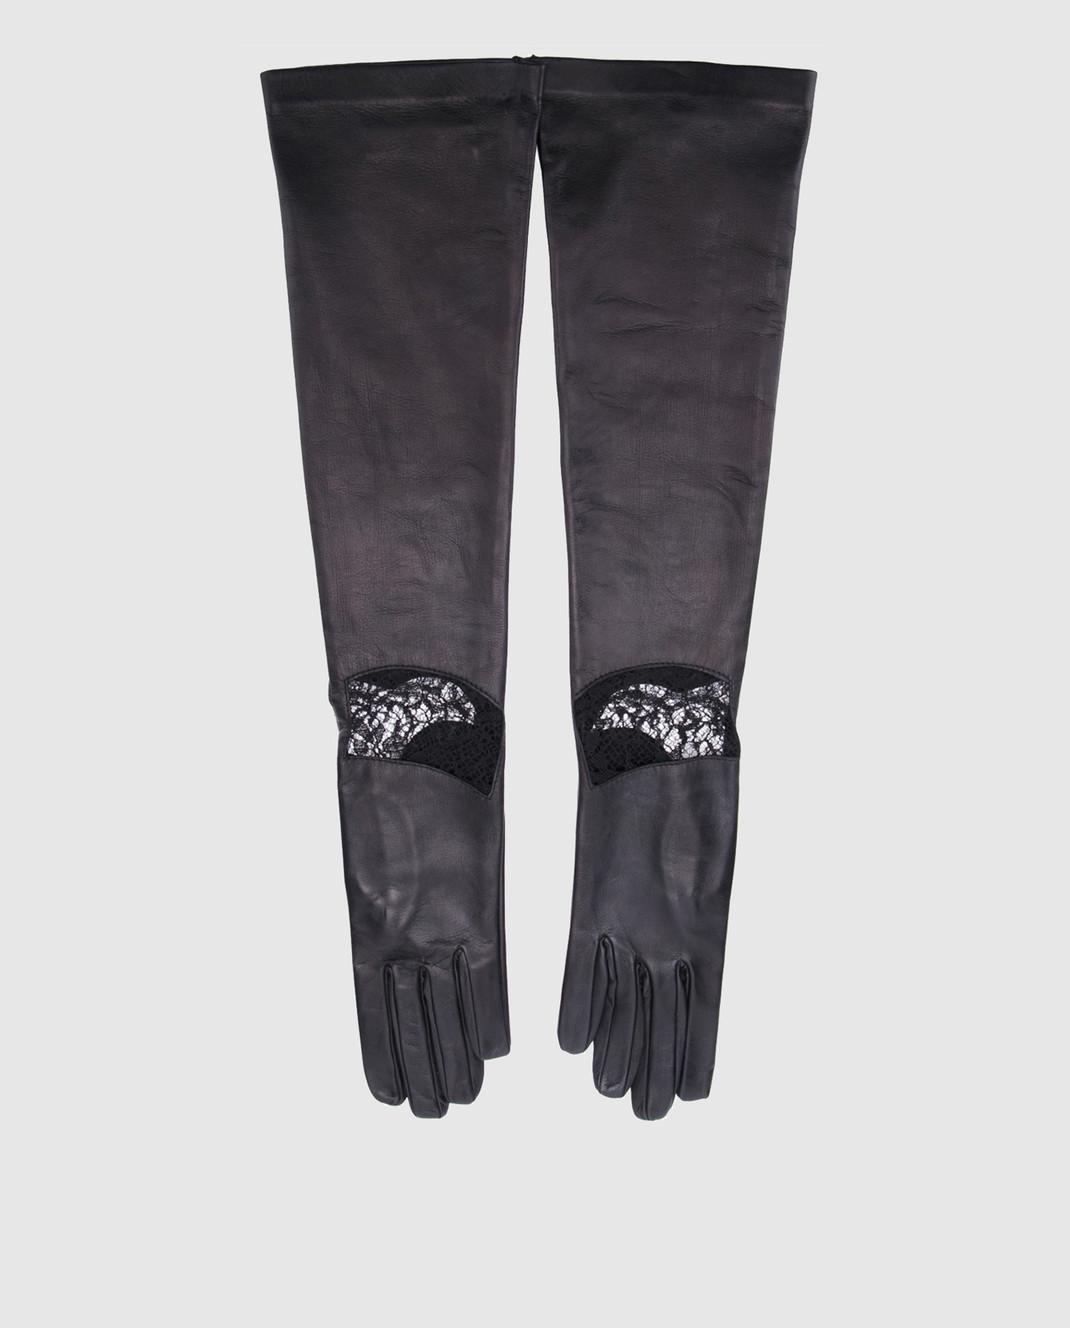 Rindi Черные перчатки с кружевом изображение 1